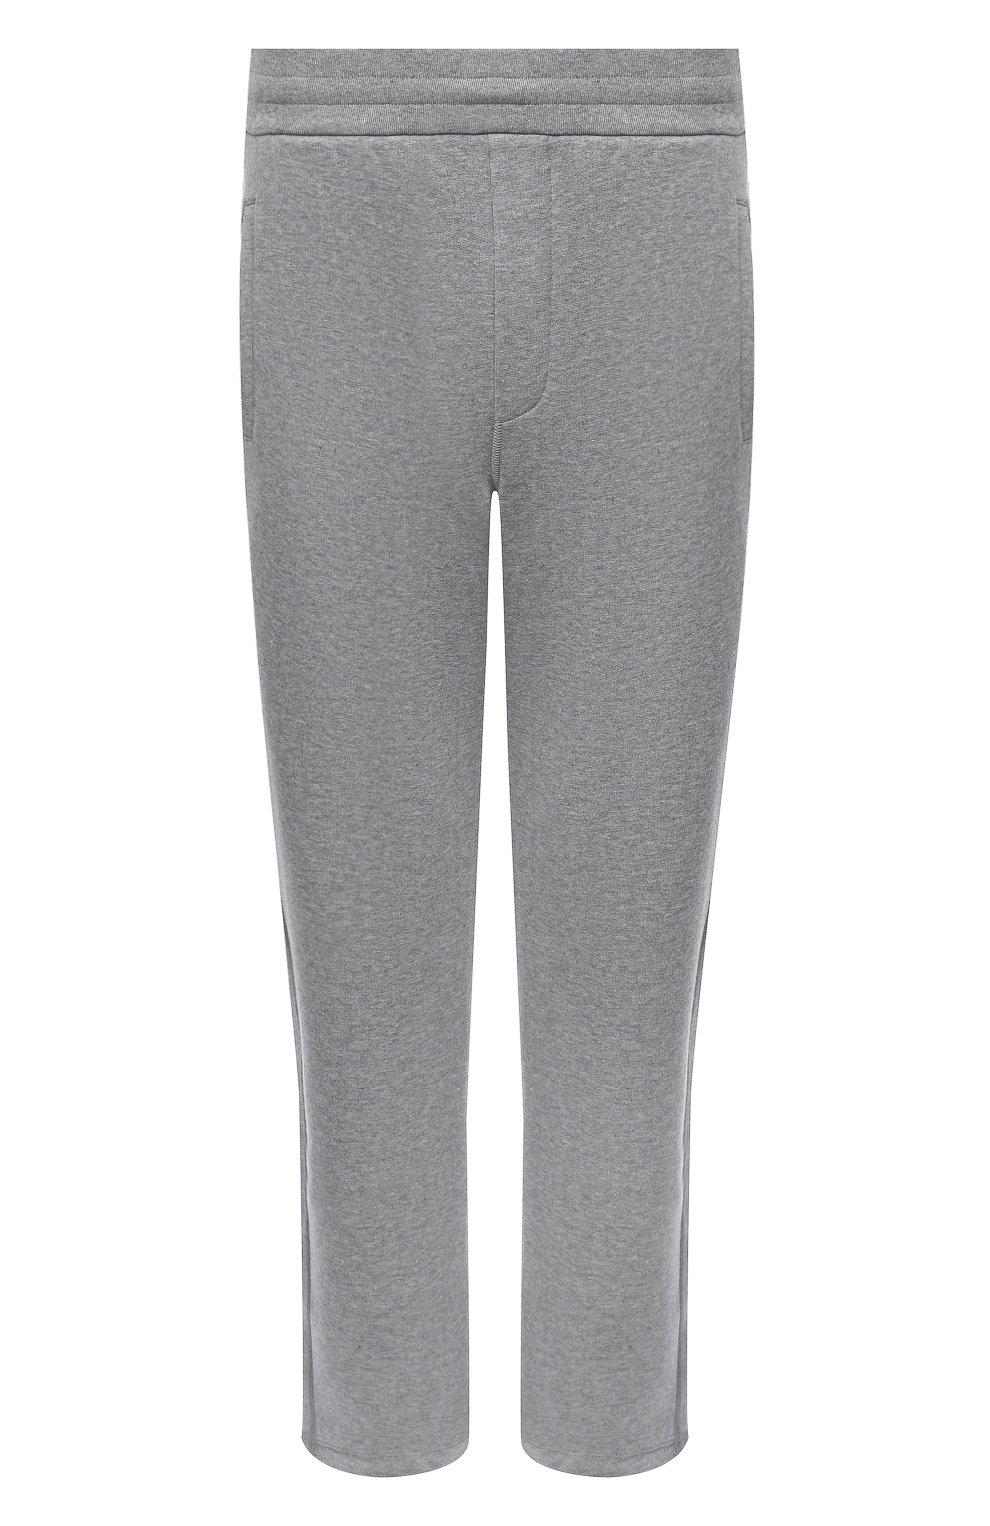 Мужские хлопковые брюки BRIONI серого цвета, арт. UJDJ0L/09630   Фото 1 (Мужское Кросс-КТ: Брюки-трикотаж; Длина (брюки, джинсы): Стандартные; Случай: Повседневный; Материал внешний: Хлопок; Стили: Спорт-шик)